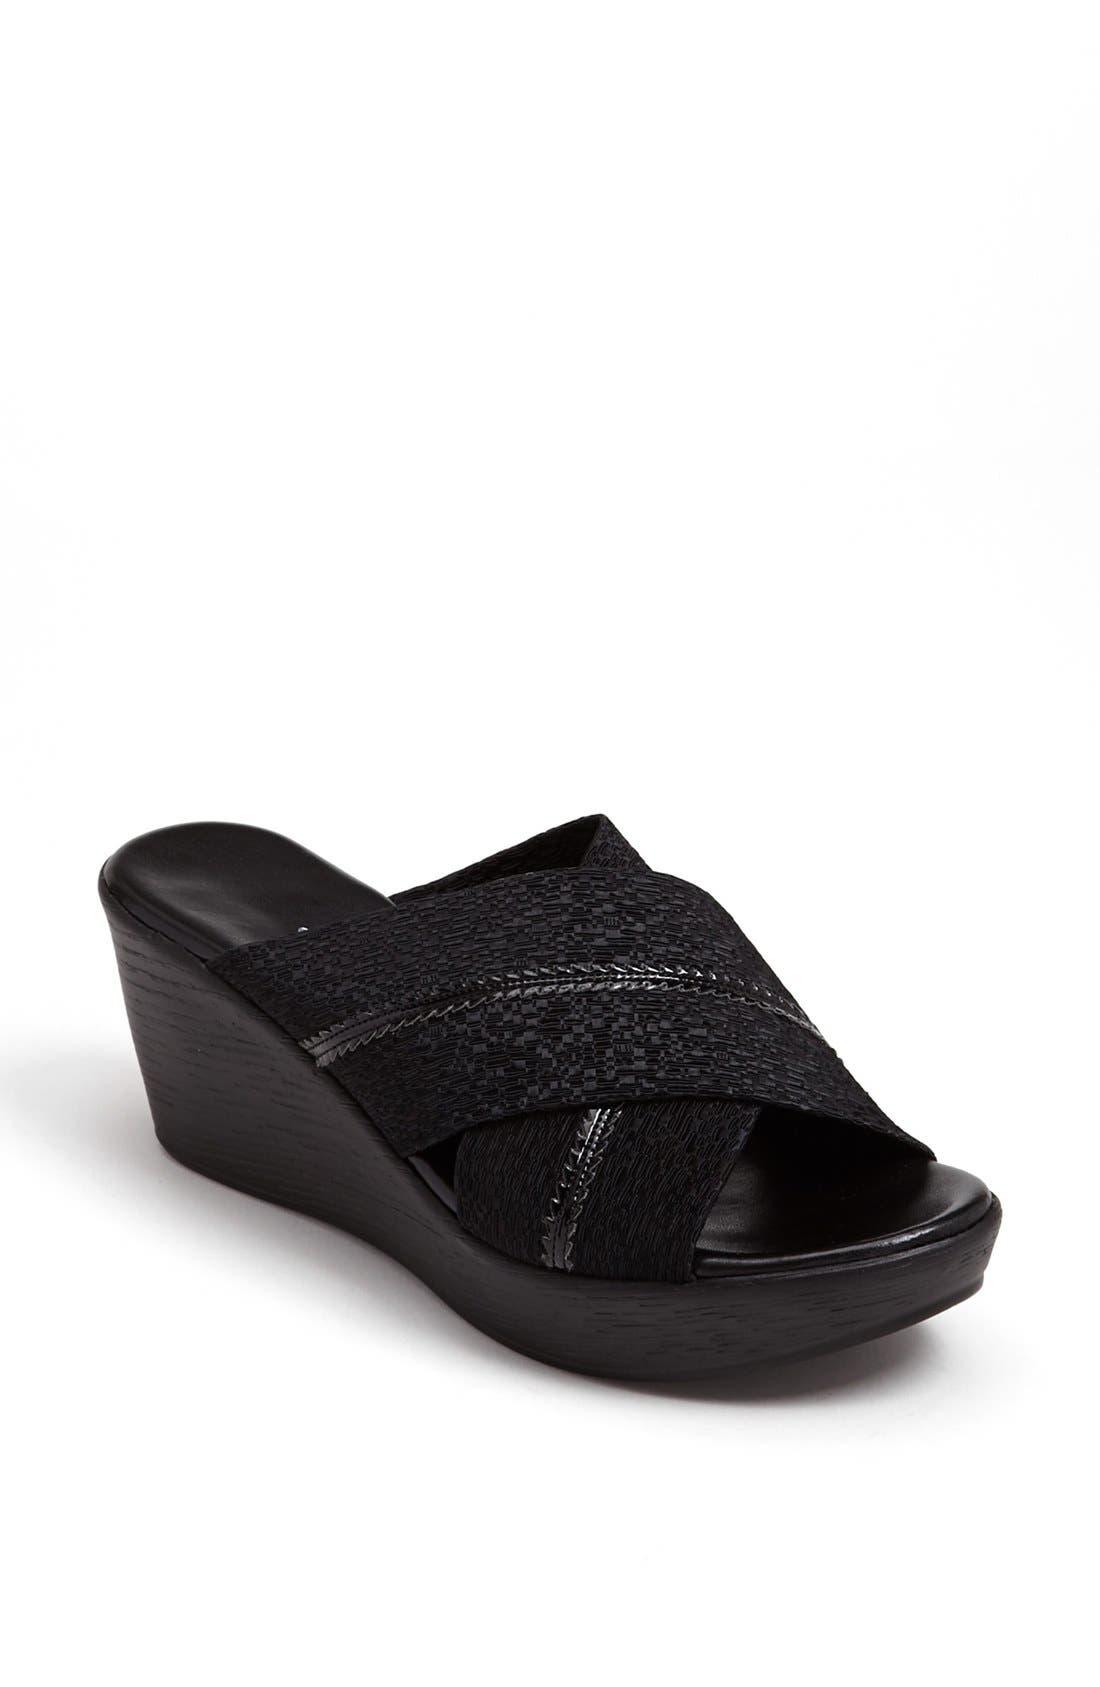 Alternate Image 1 Selected - Dezario 'Peter' Wedge Sandal